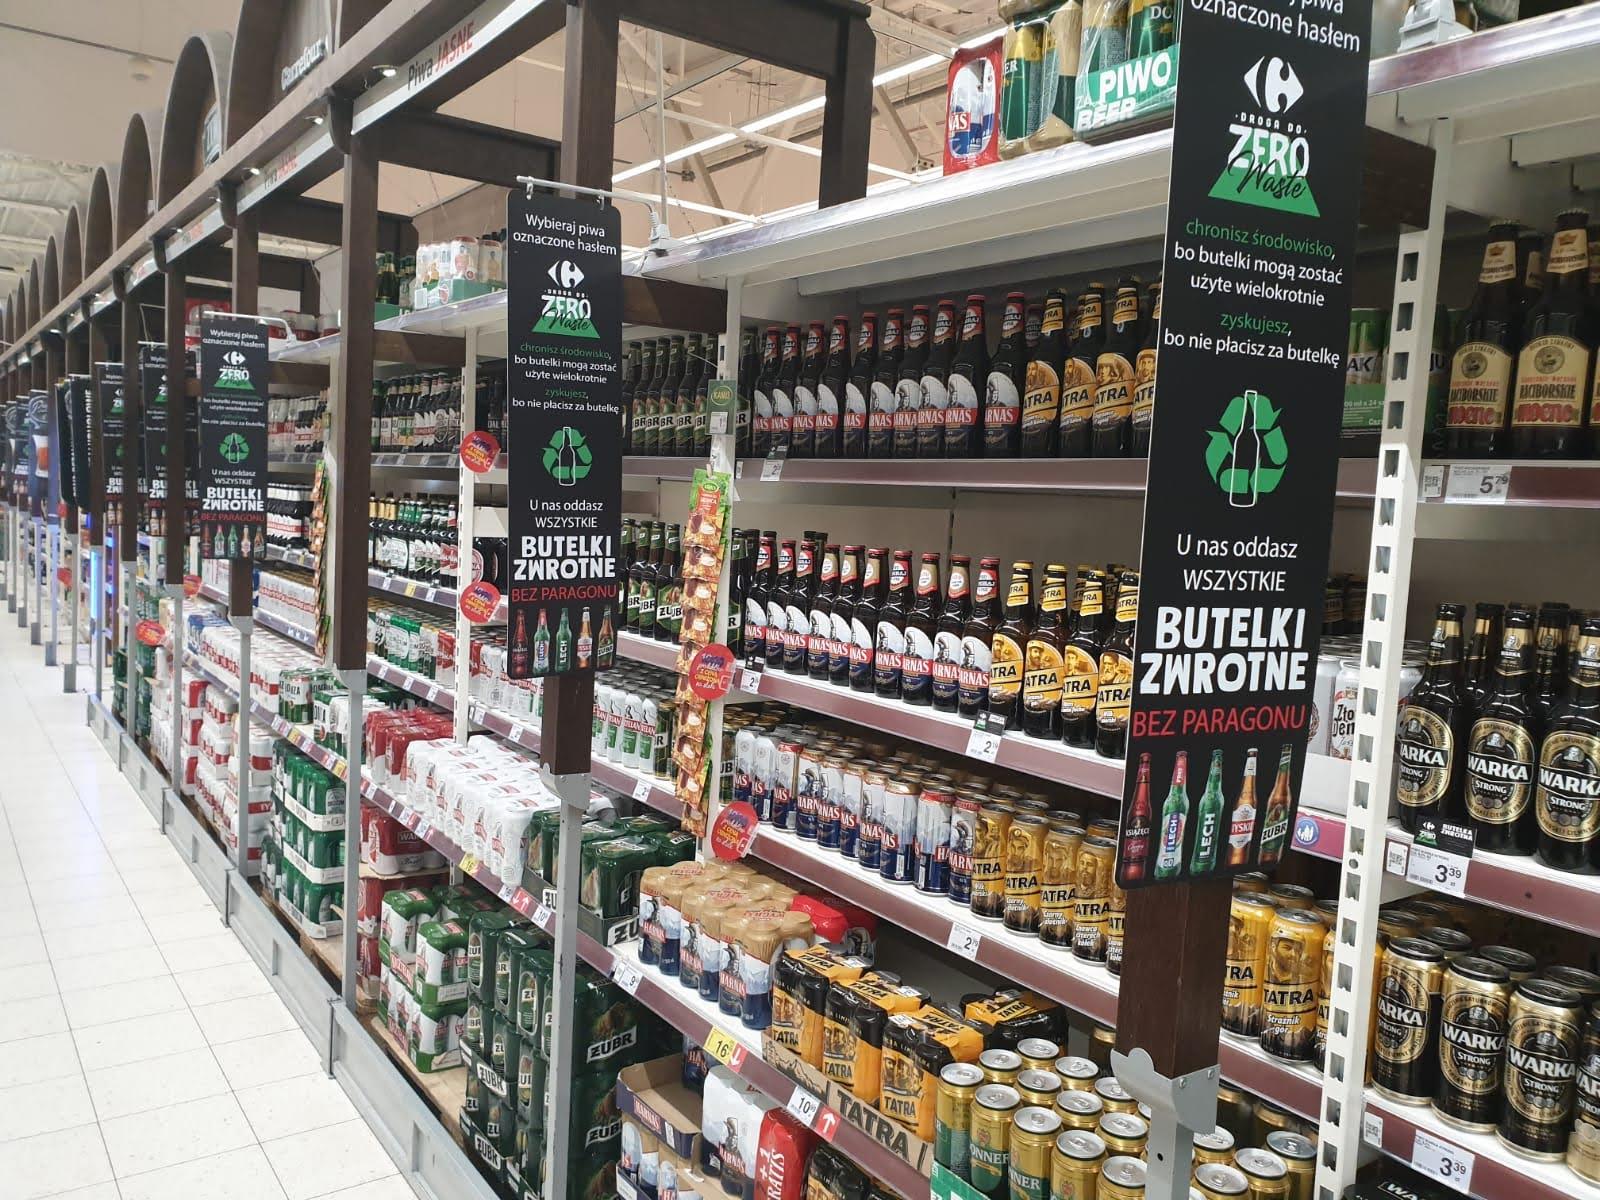 Carrefour: możliwość zwrotu butelek szklanych bez paragonu w kolejnych miastach